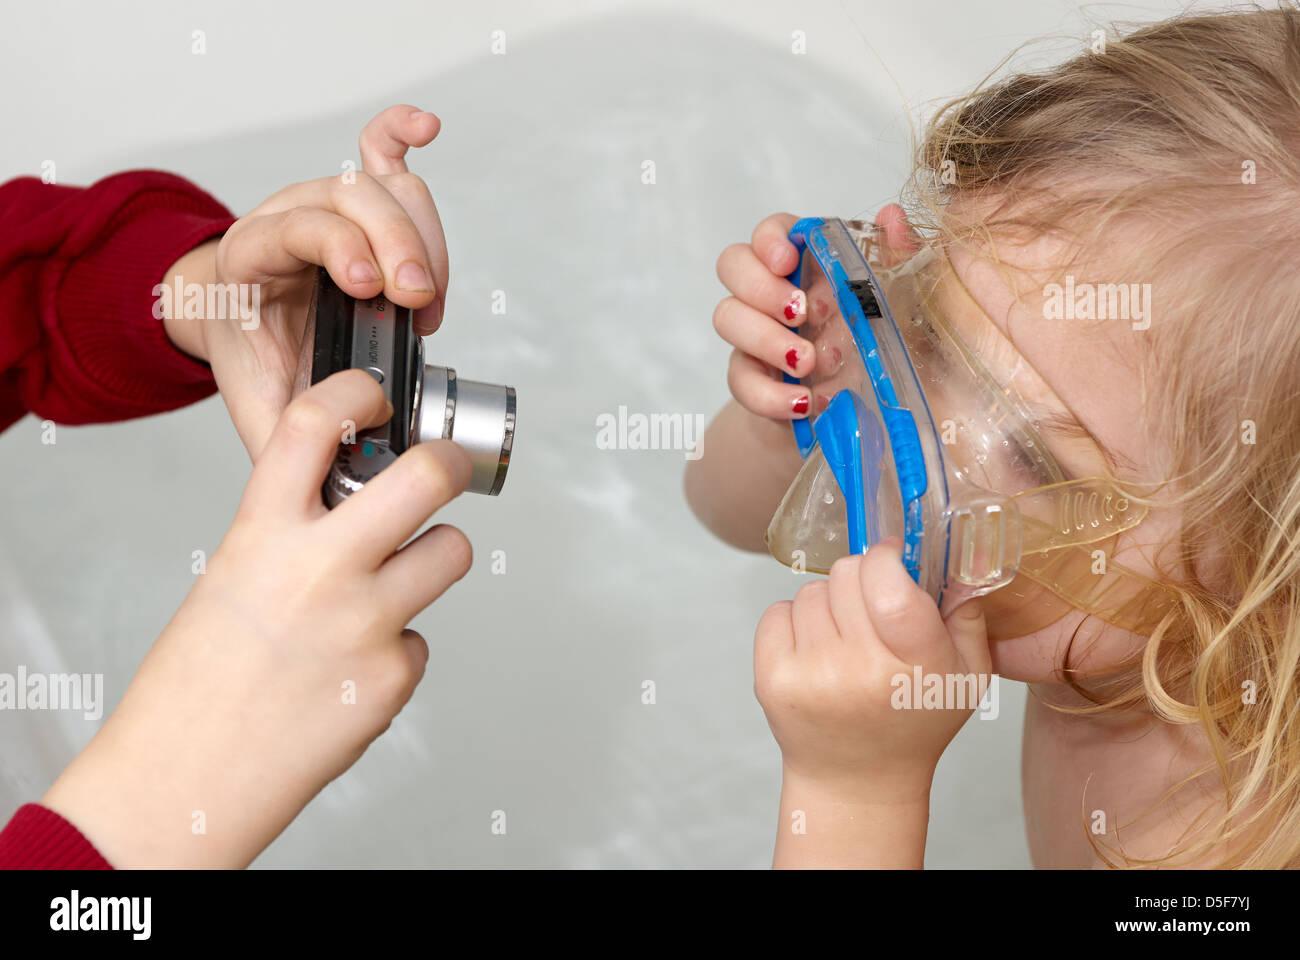 Vasca Da Bagno Bimbi : Femmina ragazza bambino bimbo nella vasca da bagno giocando con